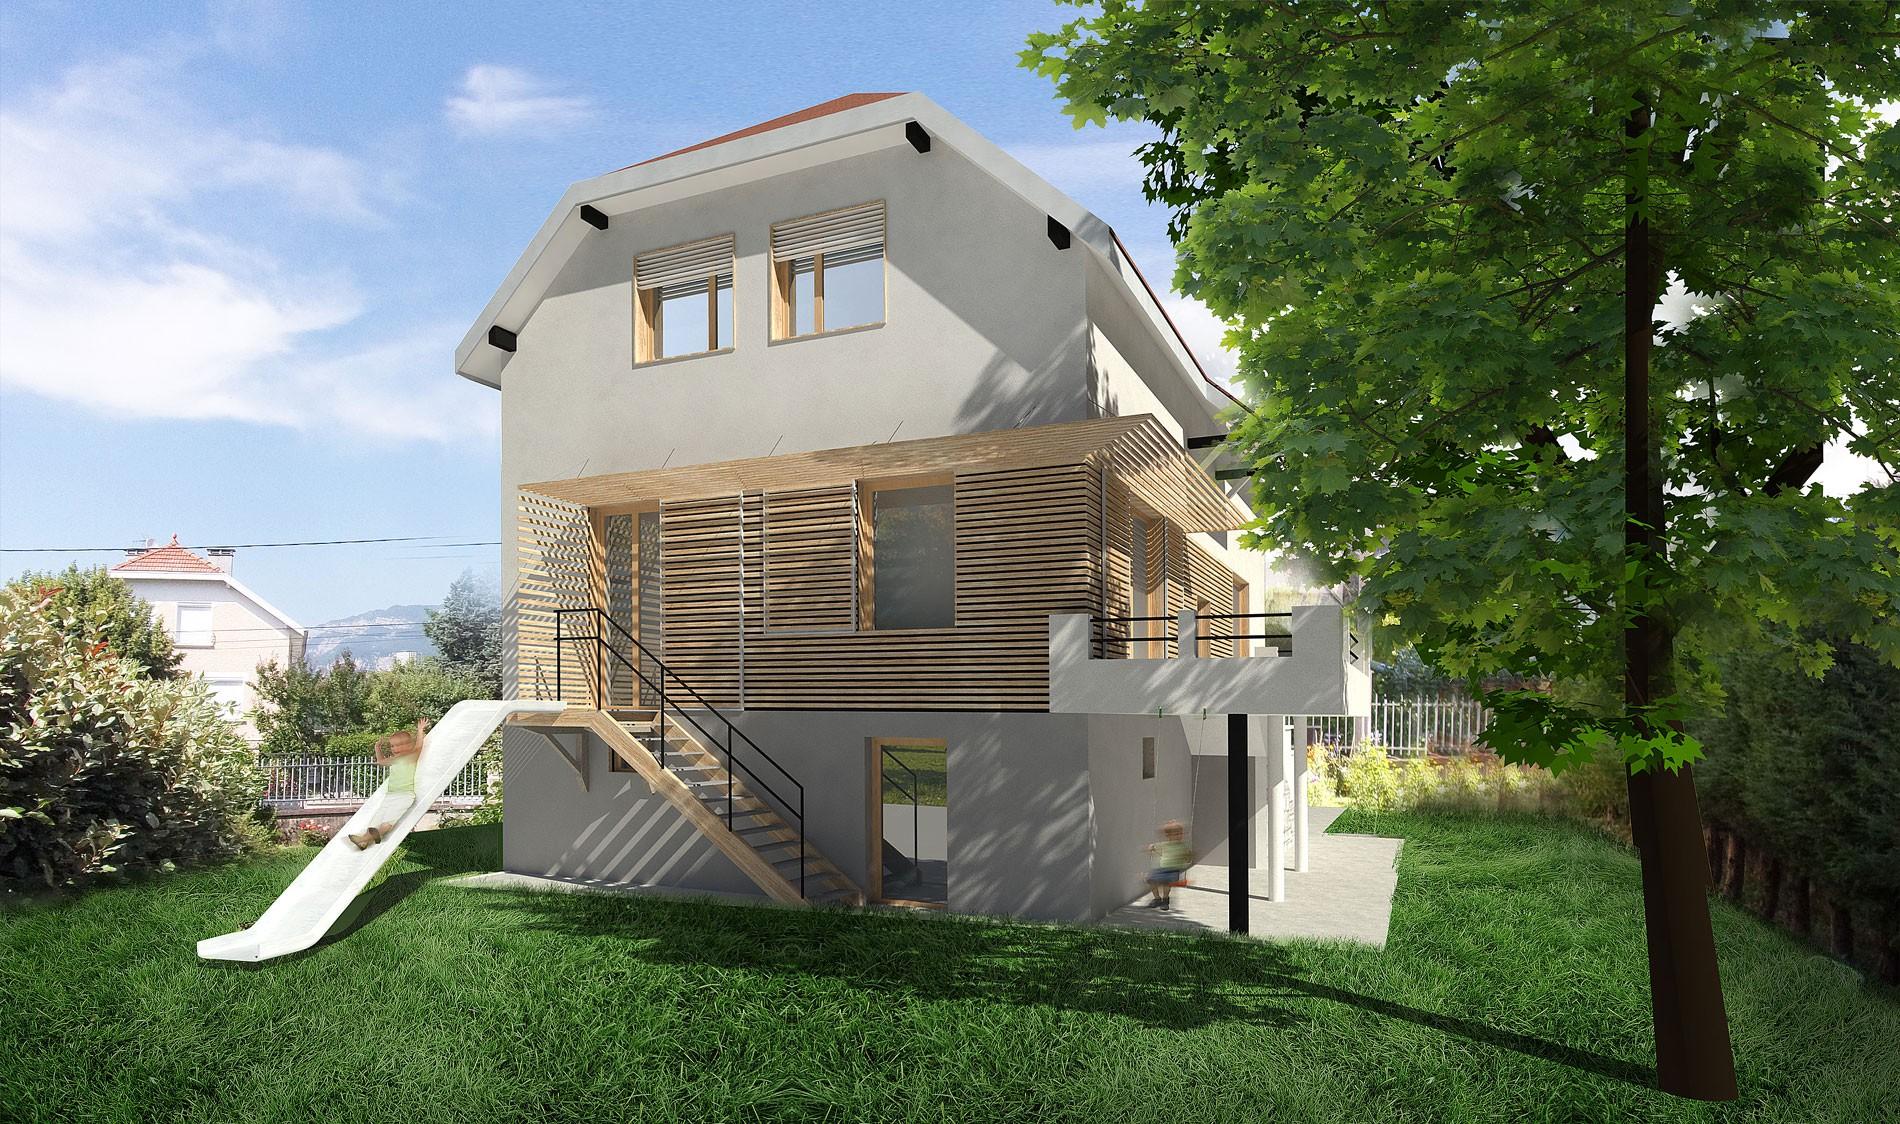 asb-architecture-savoie-chambery-renovation-maison-de-ville-bois-enduit-11